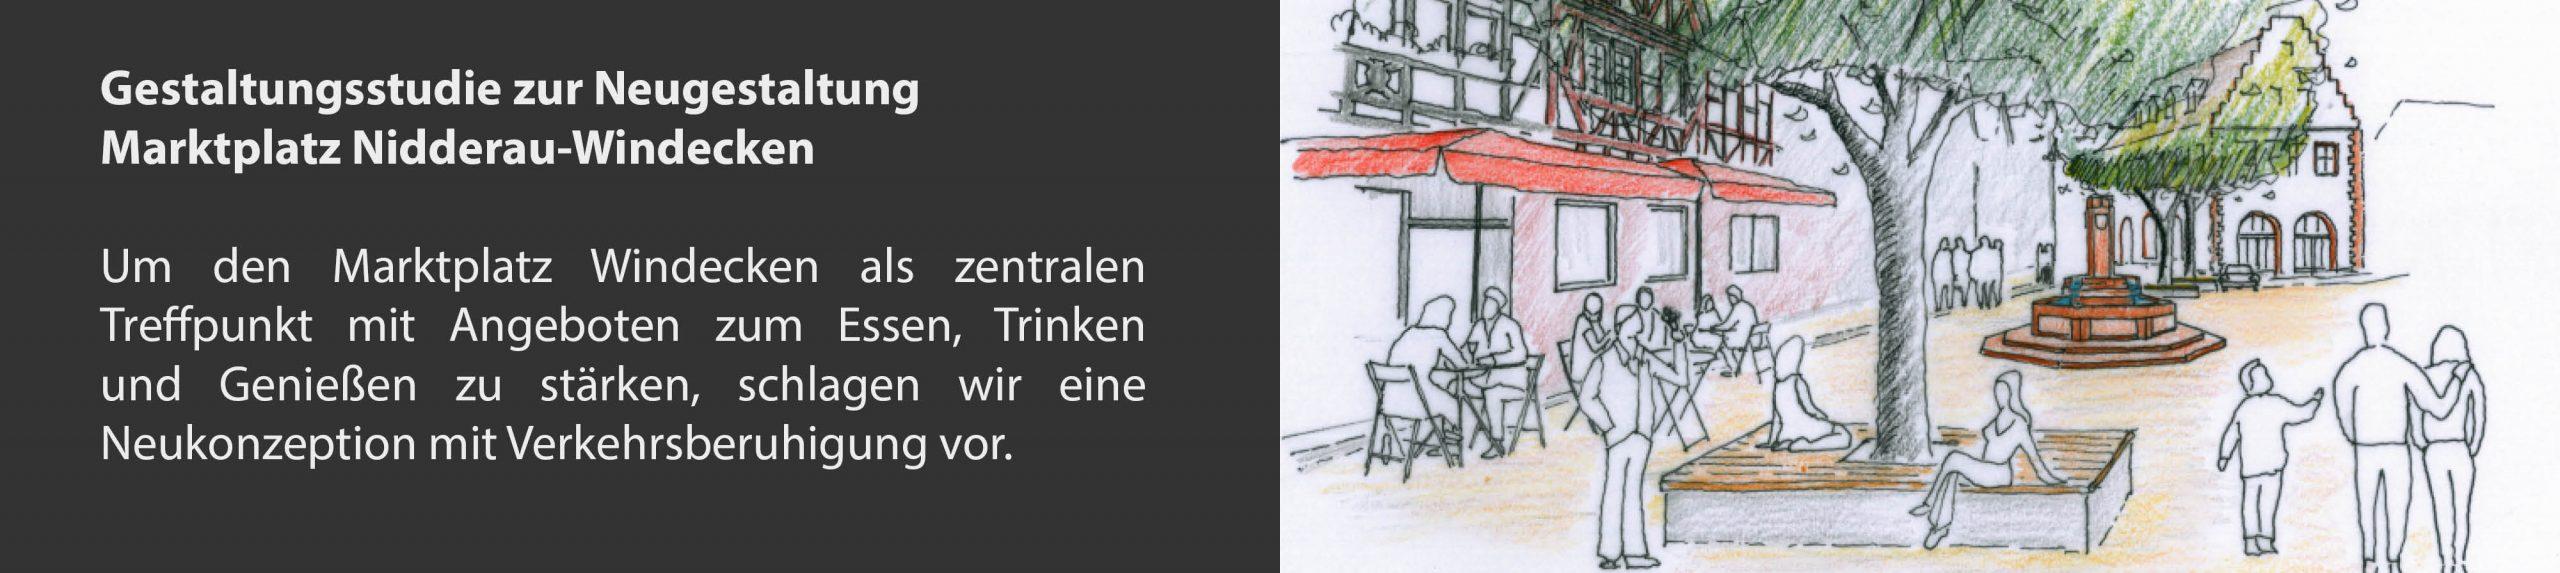 header_marktplatz-windecken